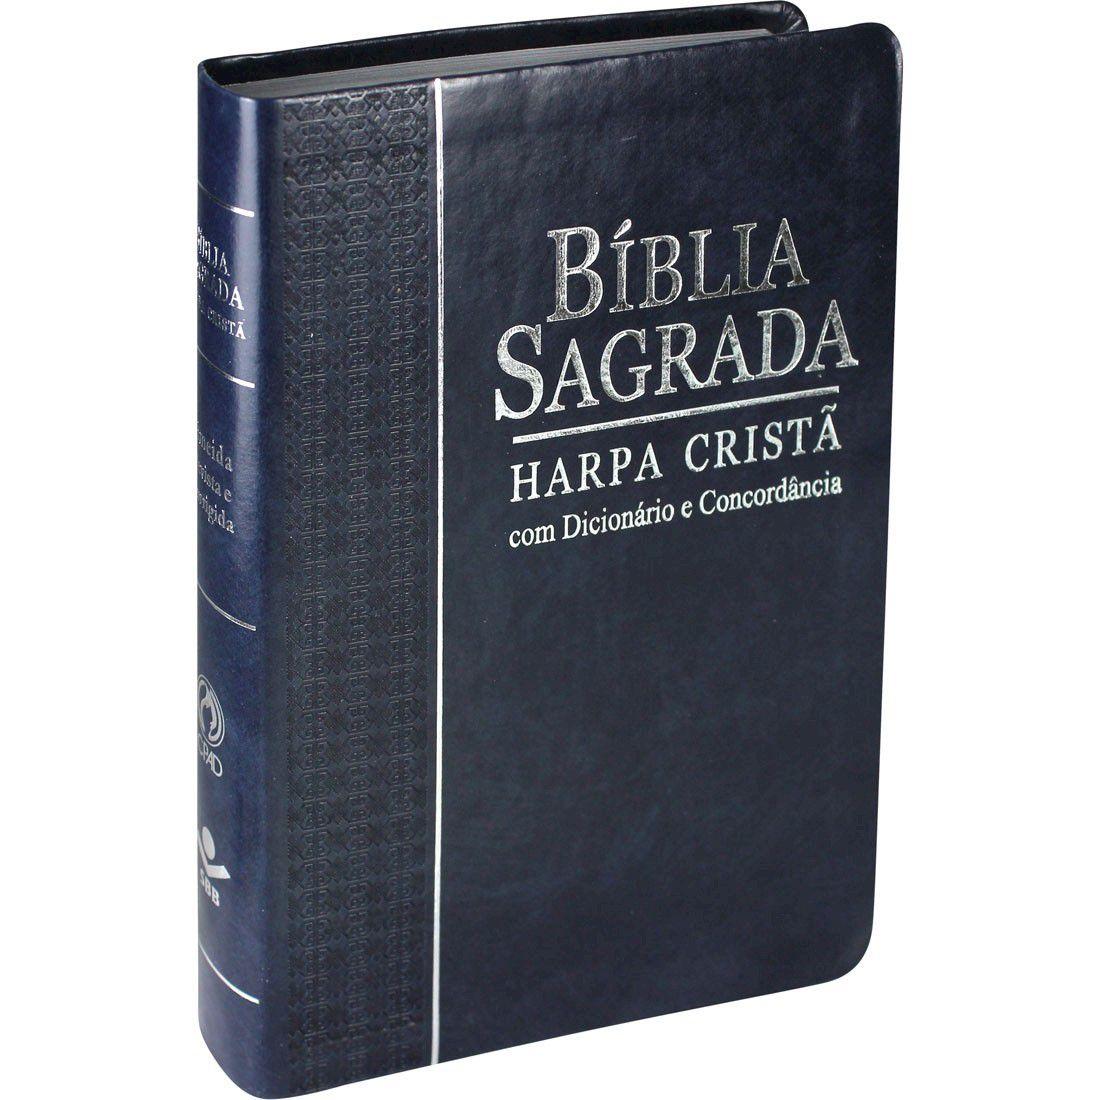 Bíblia com Harpa Cristã, Concordância, Dicionário e Índice Digital - RC